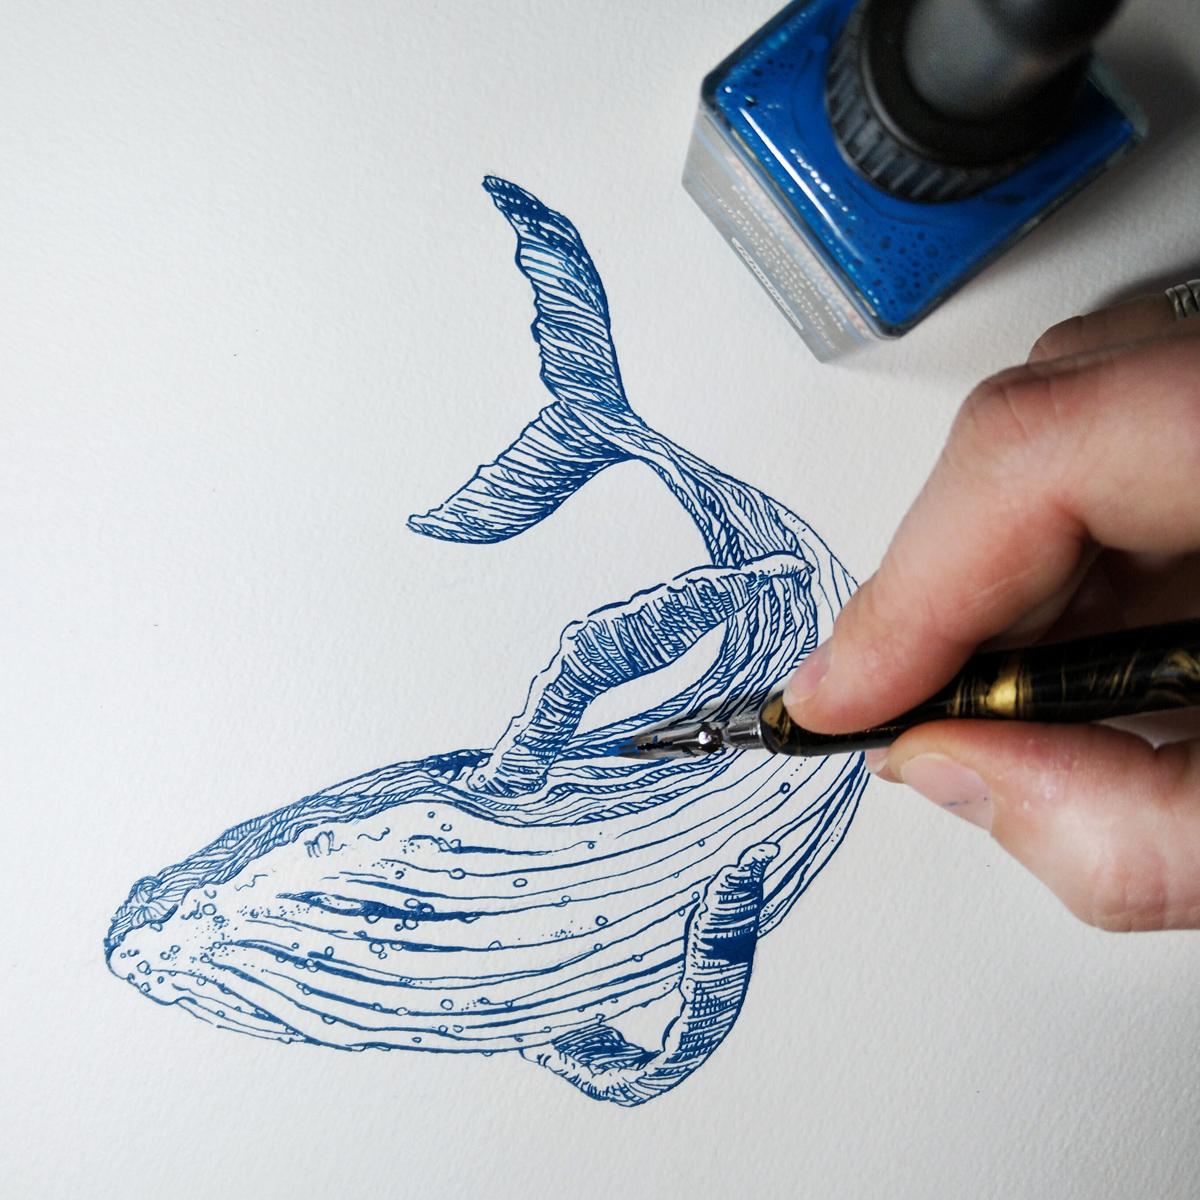 Altes neu entdecken: Zeichnen mit Feder und Acryltinte.